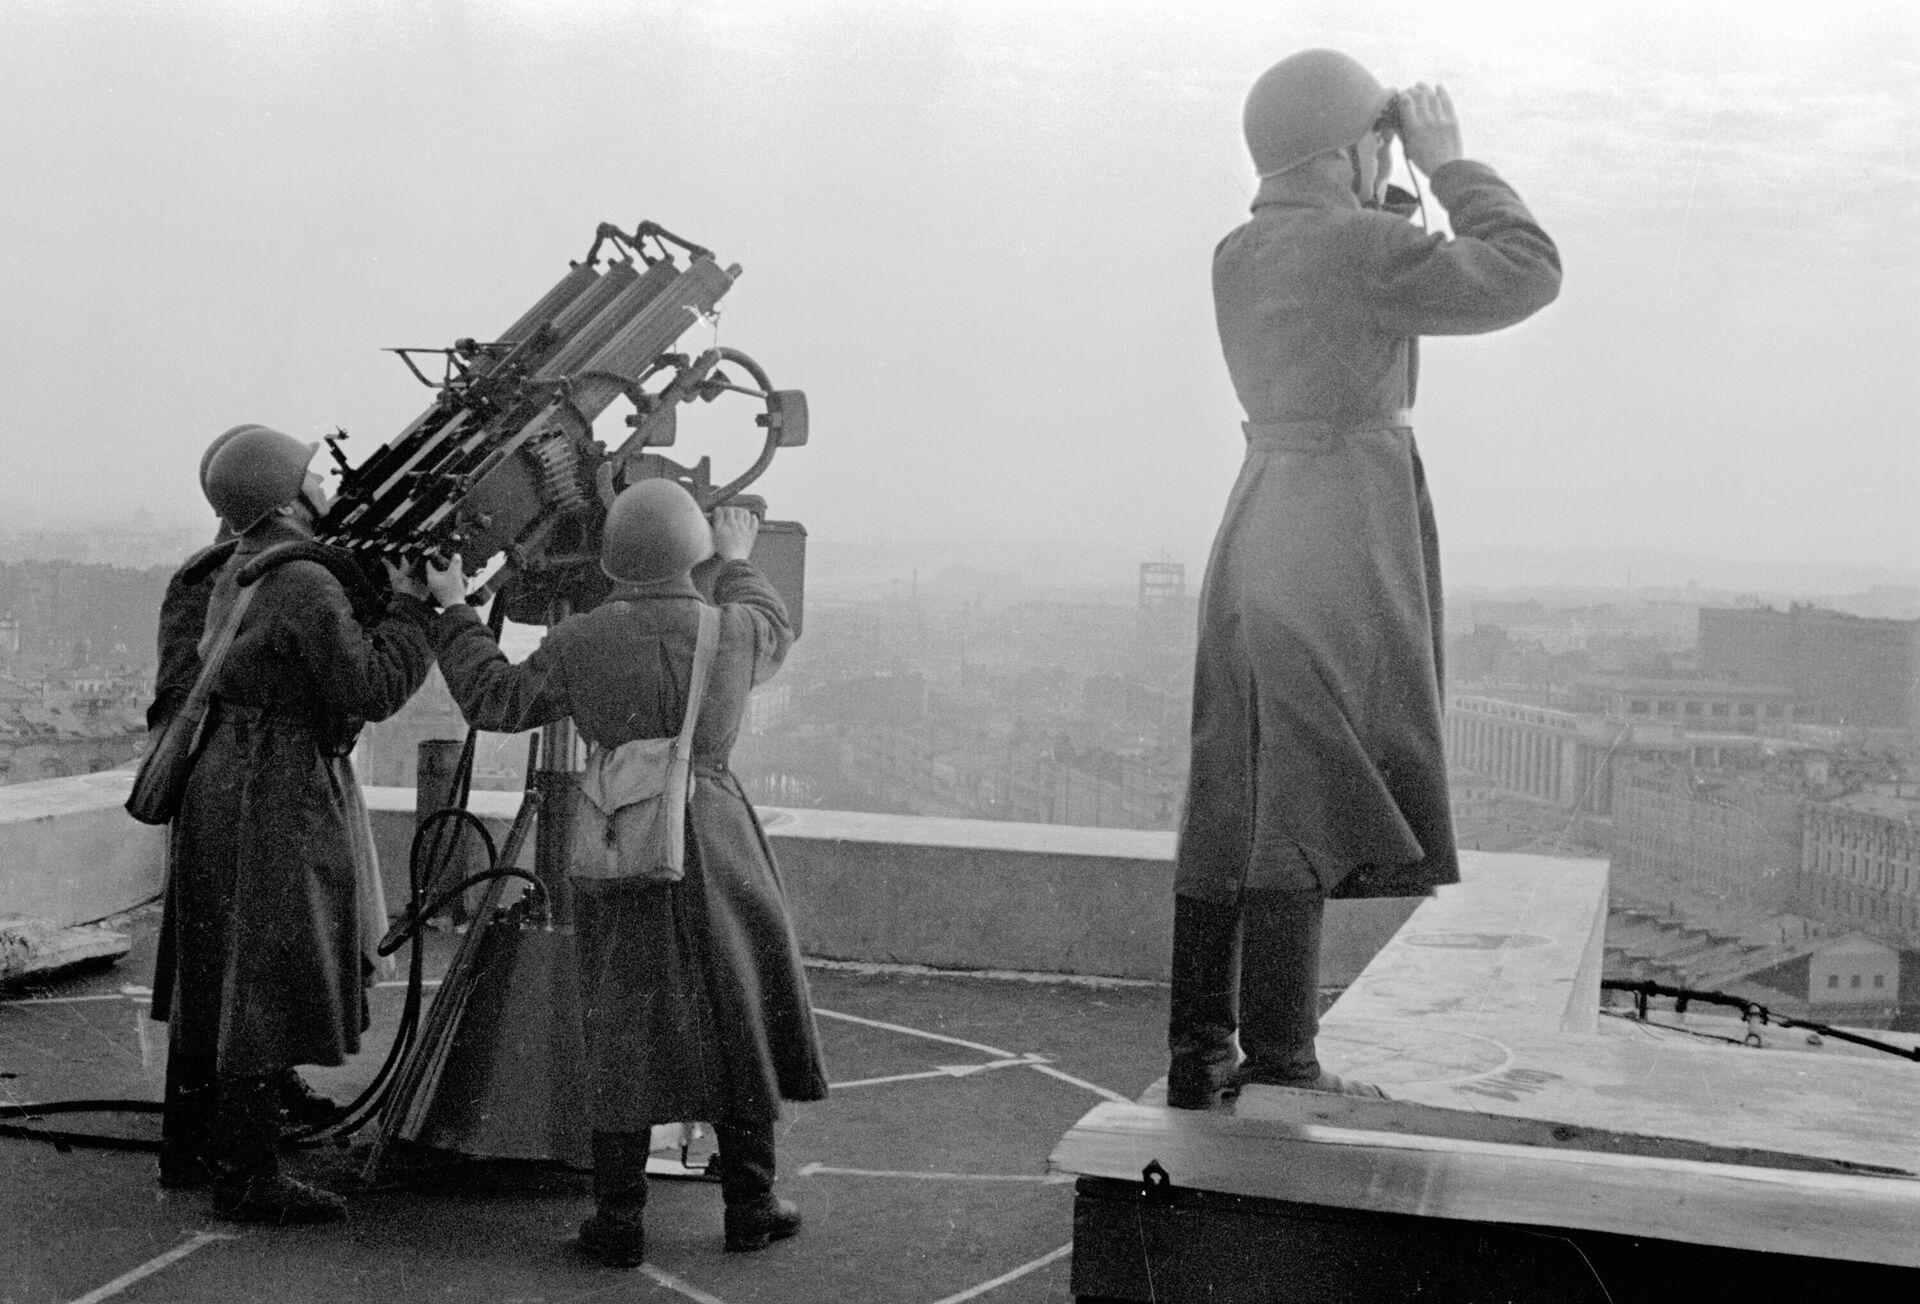 Советские зенитчики охраняют московское небо во время Великой Отечественной войны - РИА Новости, 1920, 21.07.2021